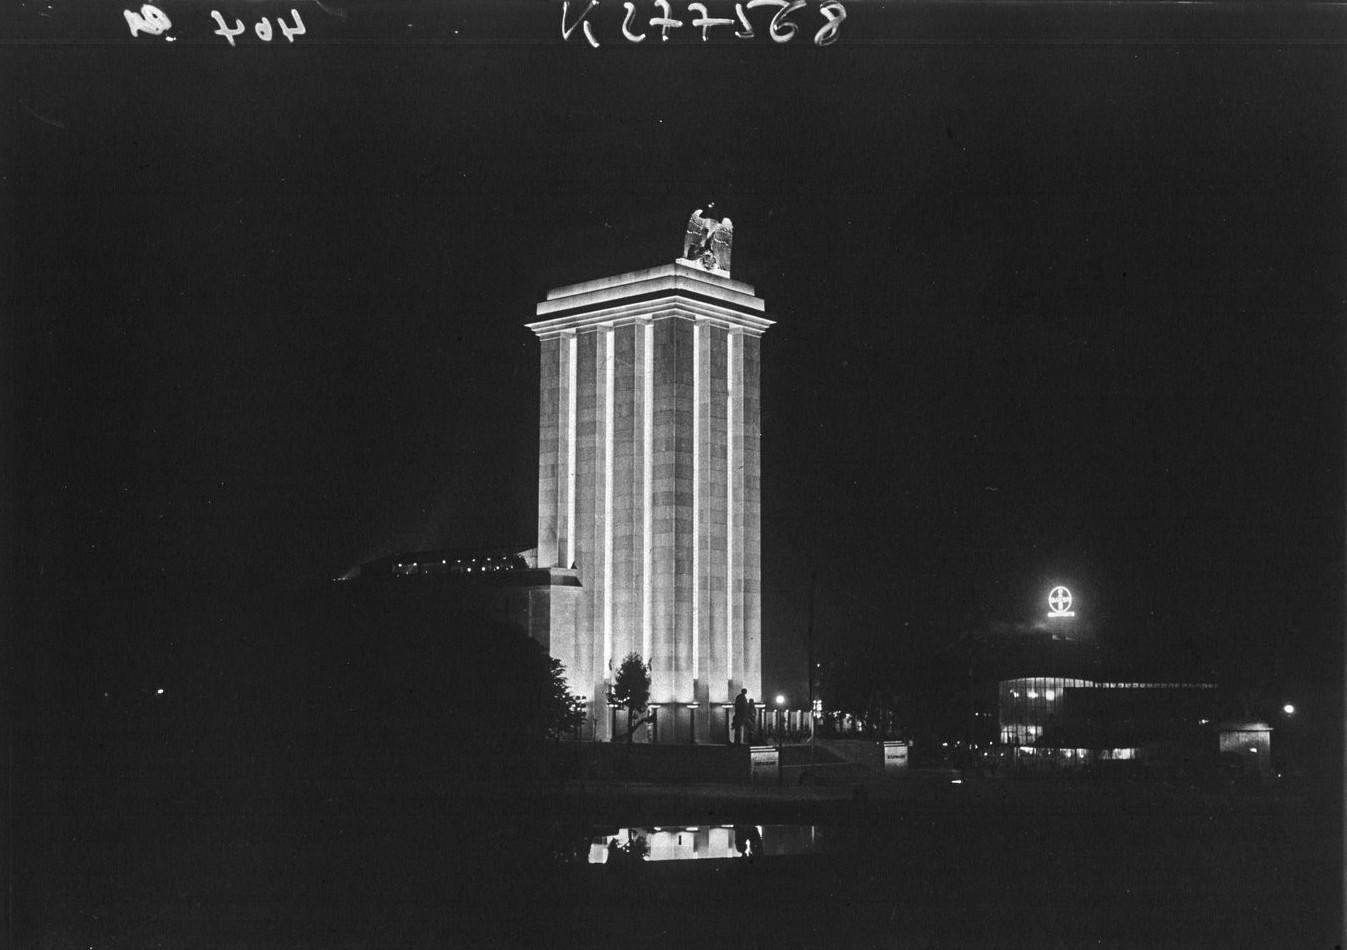 Ночной вид павильона Германии